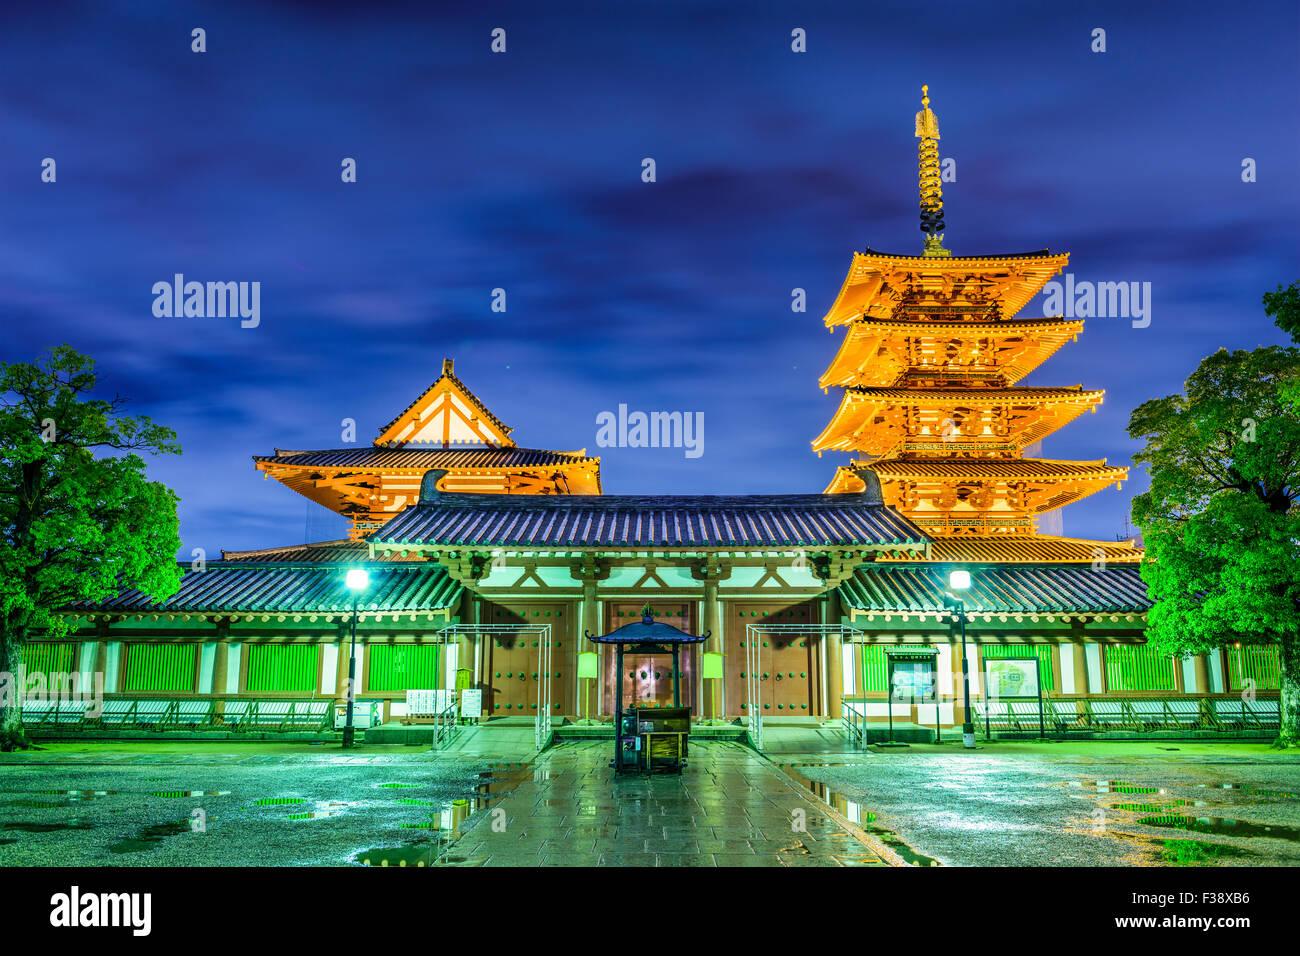 Tempio Shitennoji di Osaka in Giappone. Immagini Stock